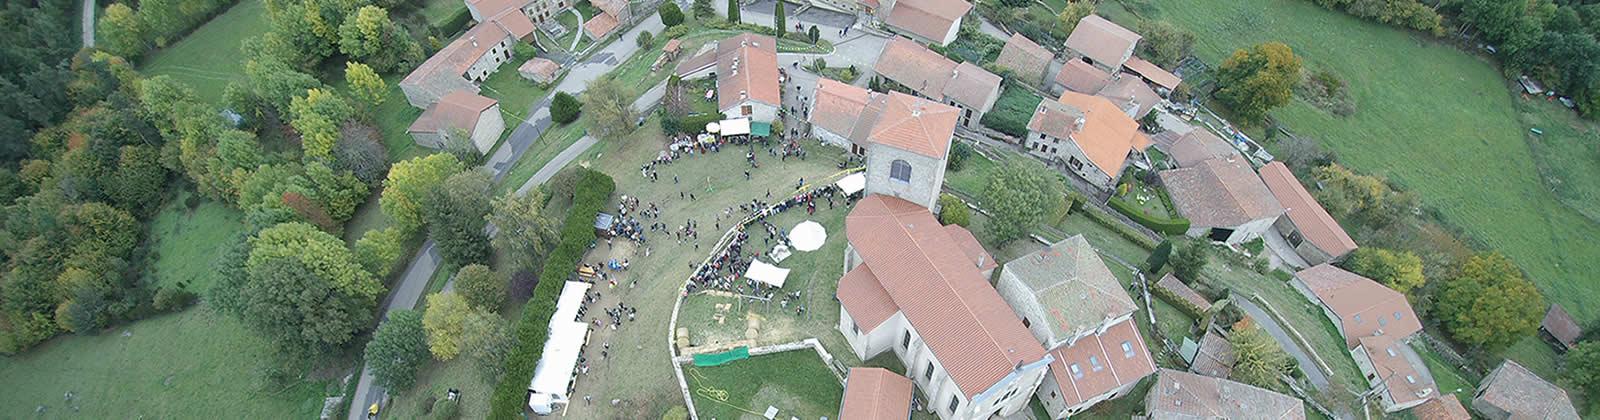 Fête médiévale Leignec 2017 vue aérienne